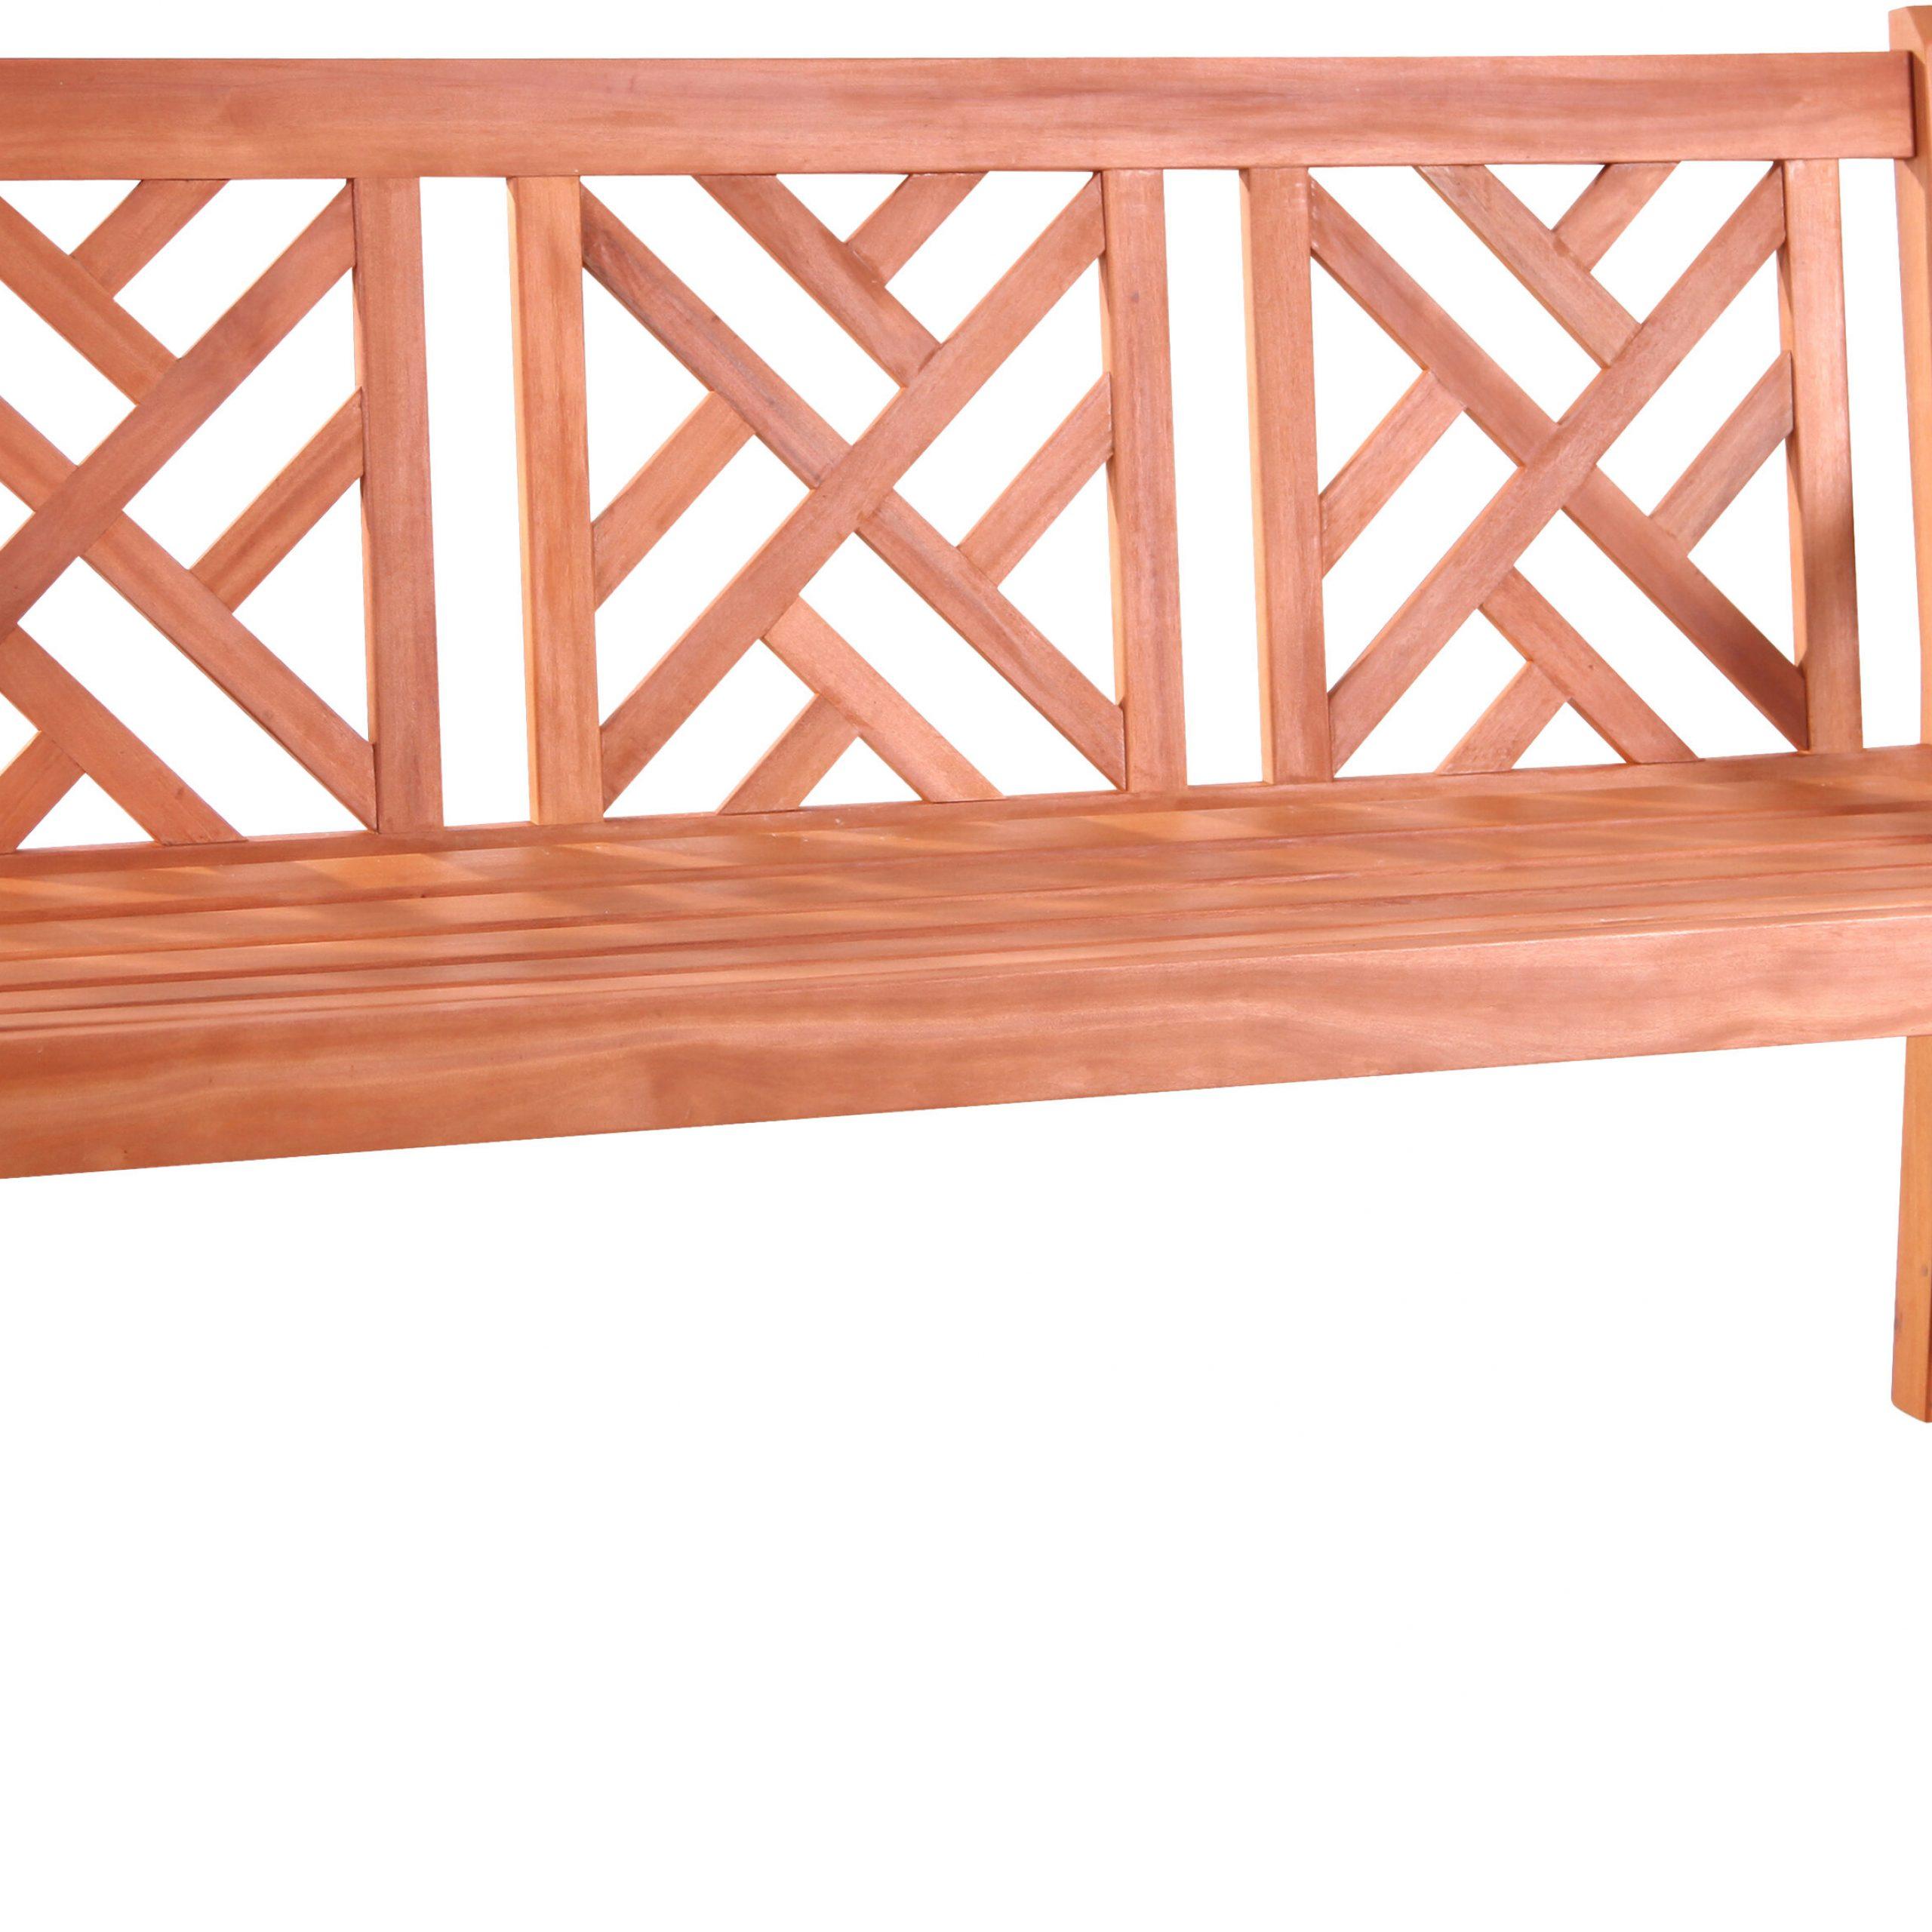 Delicia Outdoor Eucalyptus Garden Bench With Regard To Elsner Acacia Garden Benches (View 8 of 25)